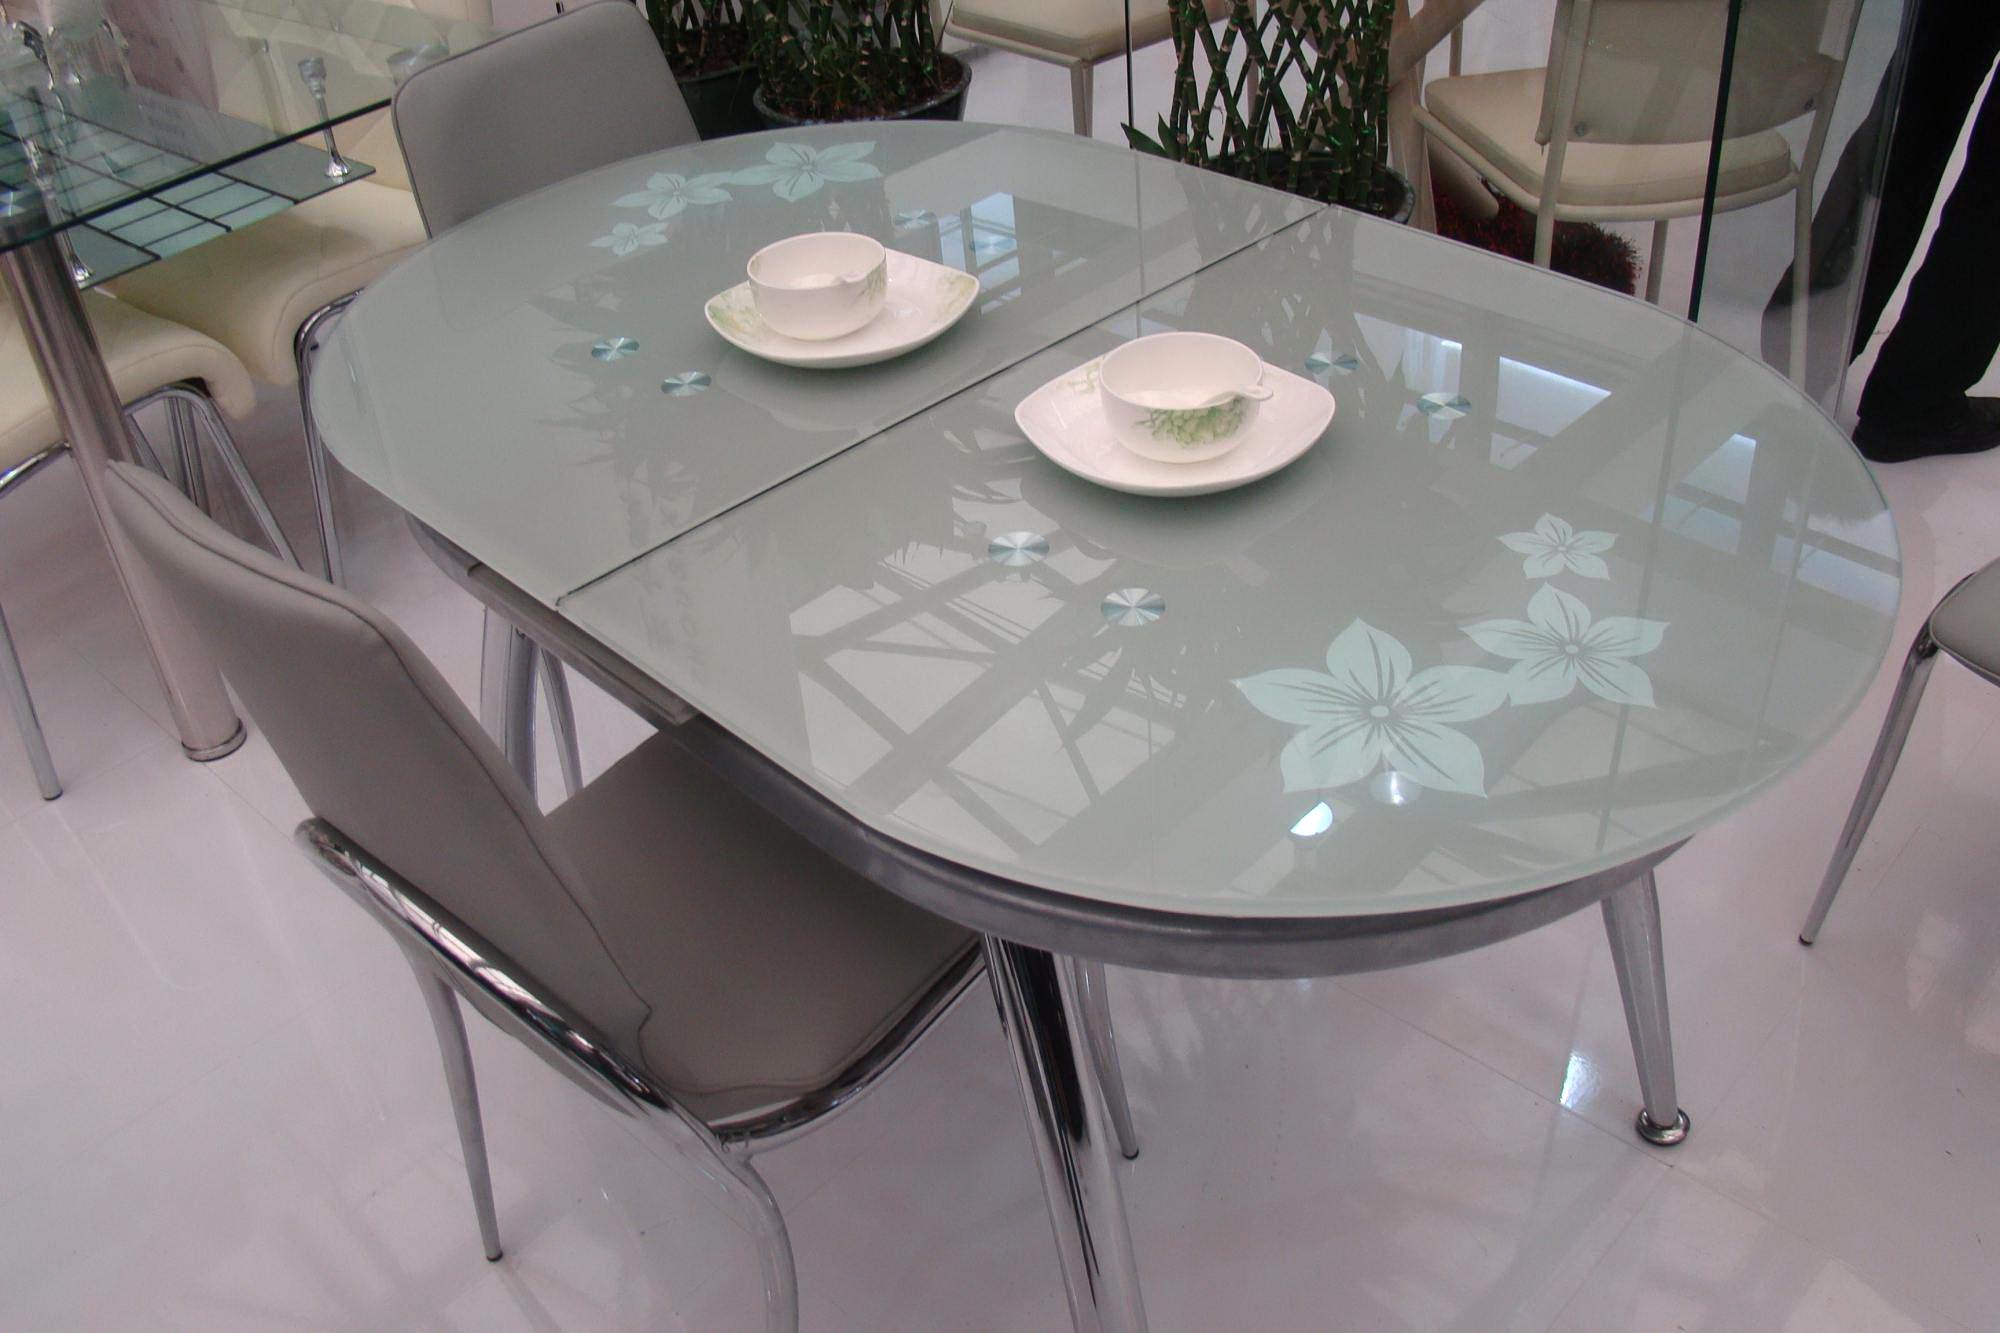 Круглый стеклянный стол раздвижная конструкция со столешницей из стекла и прикроватный белый столик на одной ножке